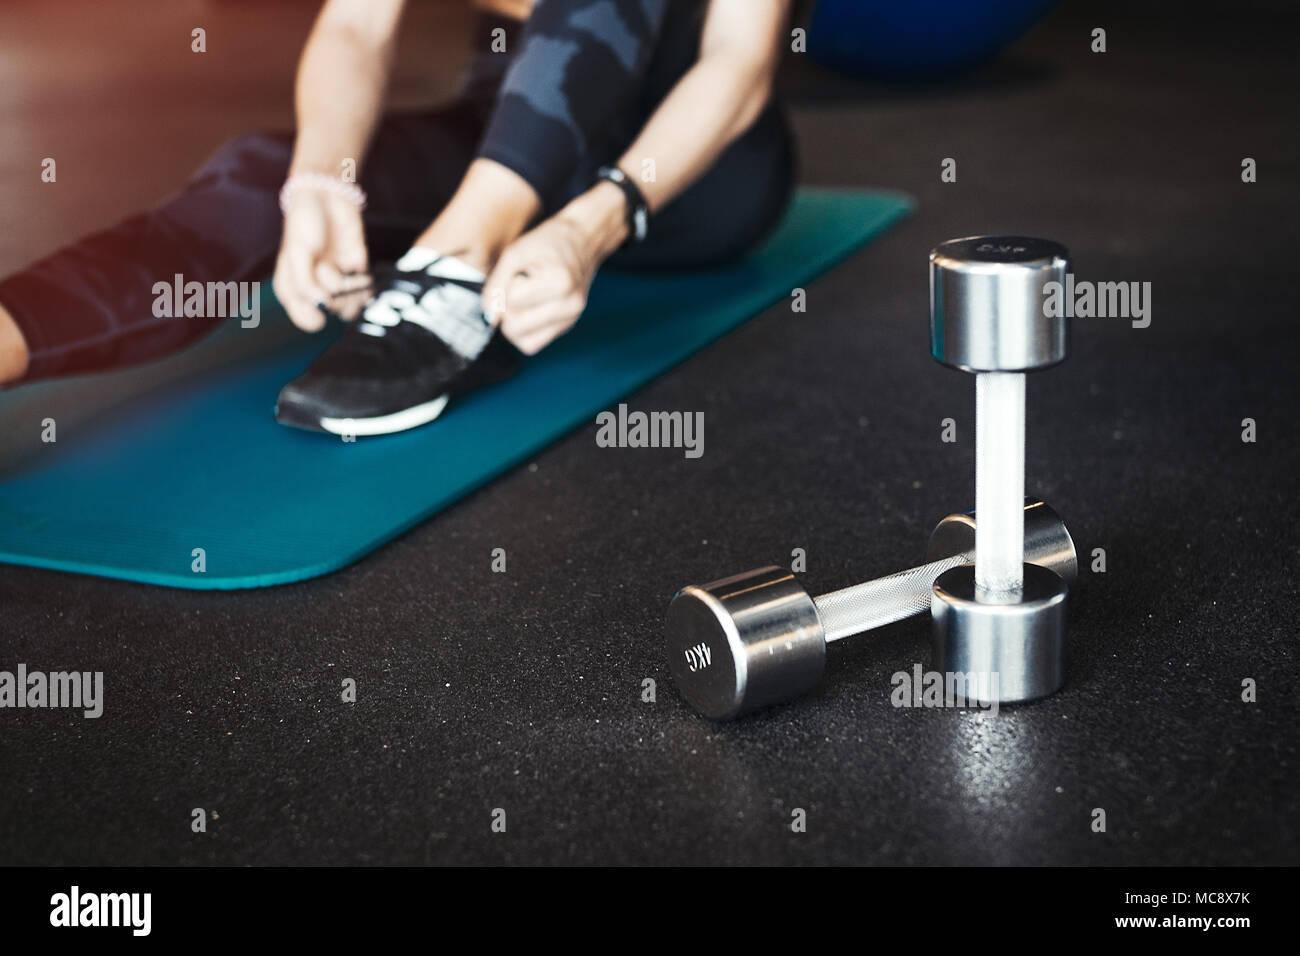 Junge attraktive brünette Mädchen ihren Sport Schuhe enlacing nach dem Üben Workout und crossfit Ausbildung auf Blau Yogamatte. Verschwommene Frau ist auf backgroun Stockbild